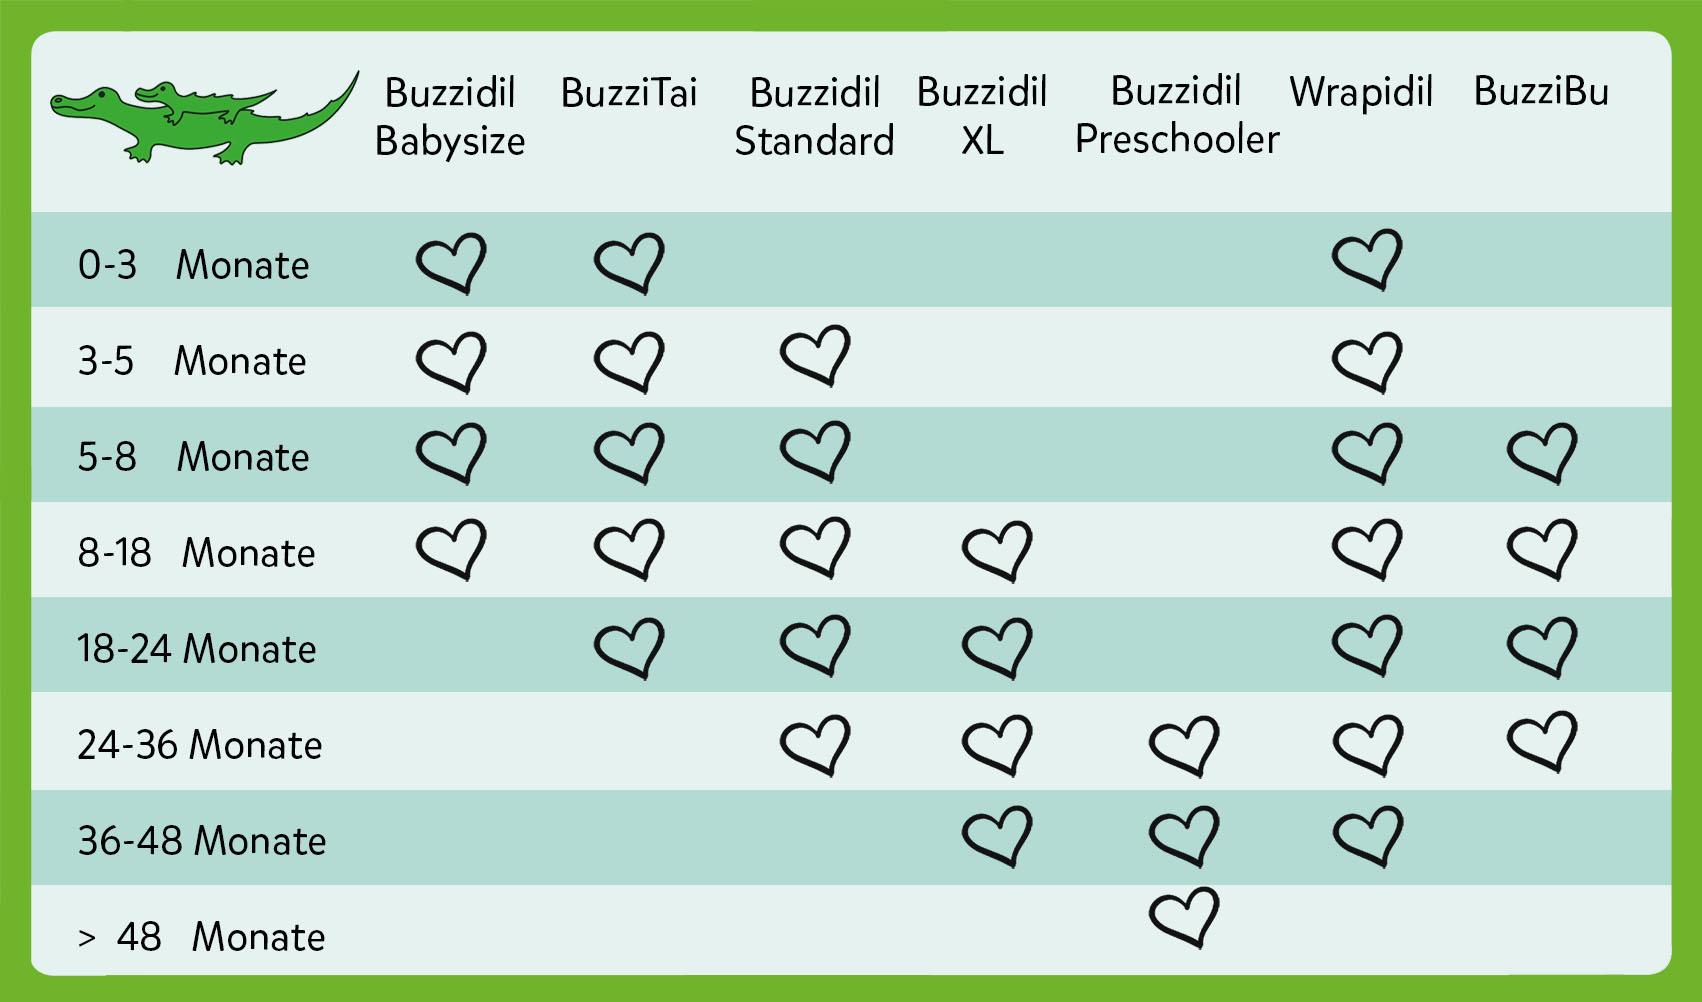 Tragehilfen-Vergleich: Tragehilfen für Neugeborene, Toddler und Kleinkinder - welche Babytrage passt wann? Die Alterstabelle im Tragehilfen-Wegweiser hilft.